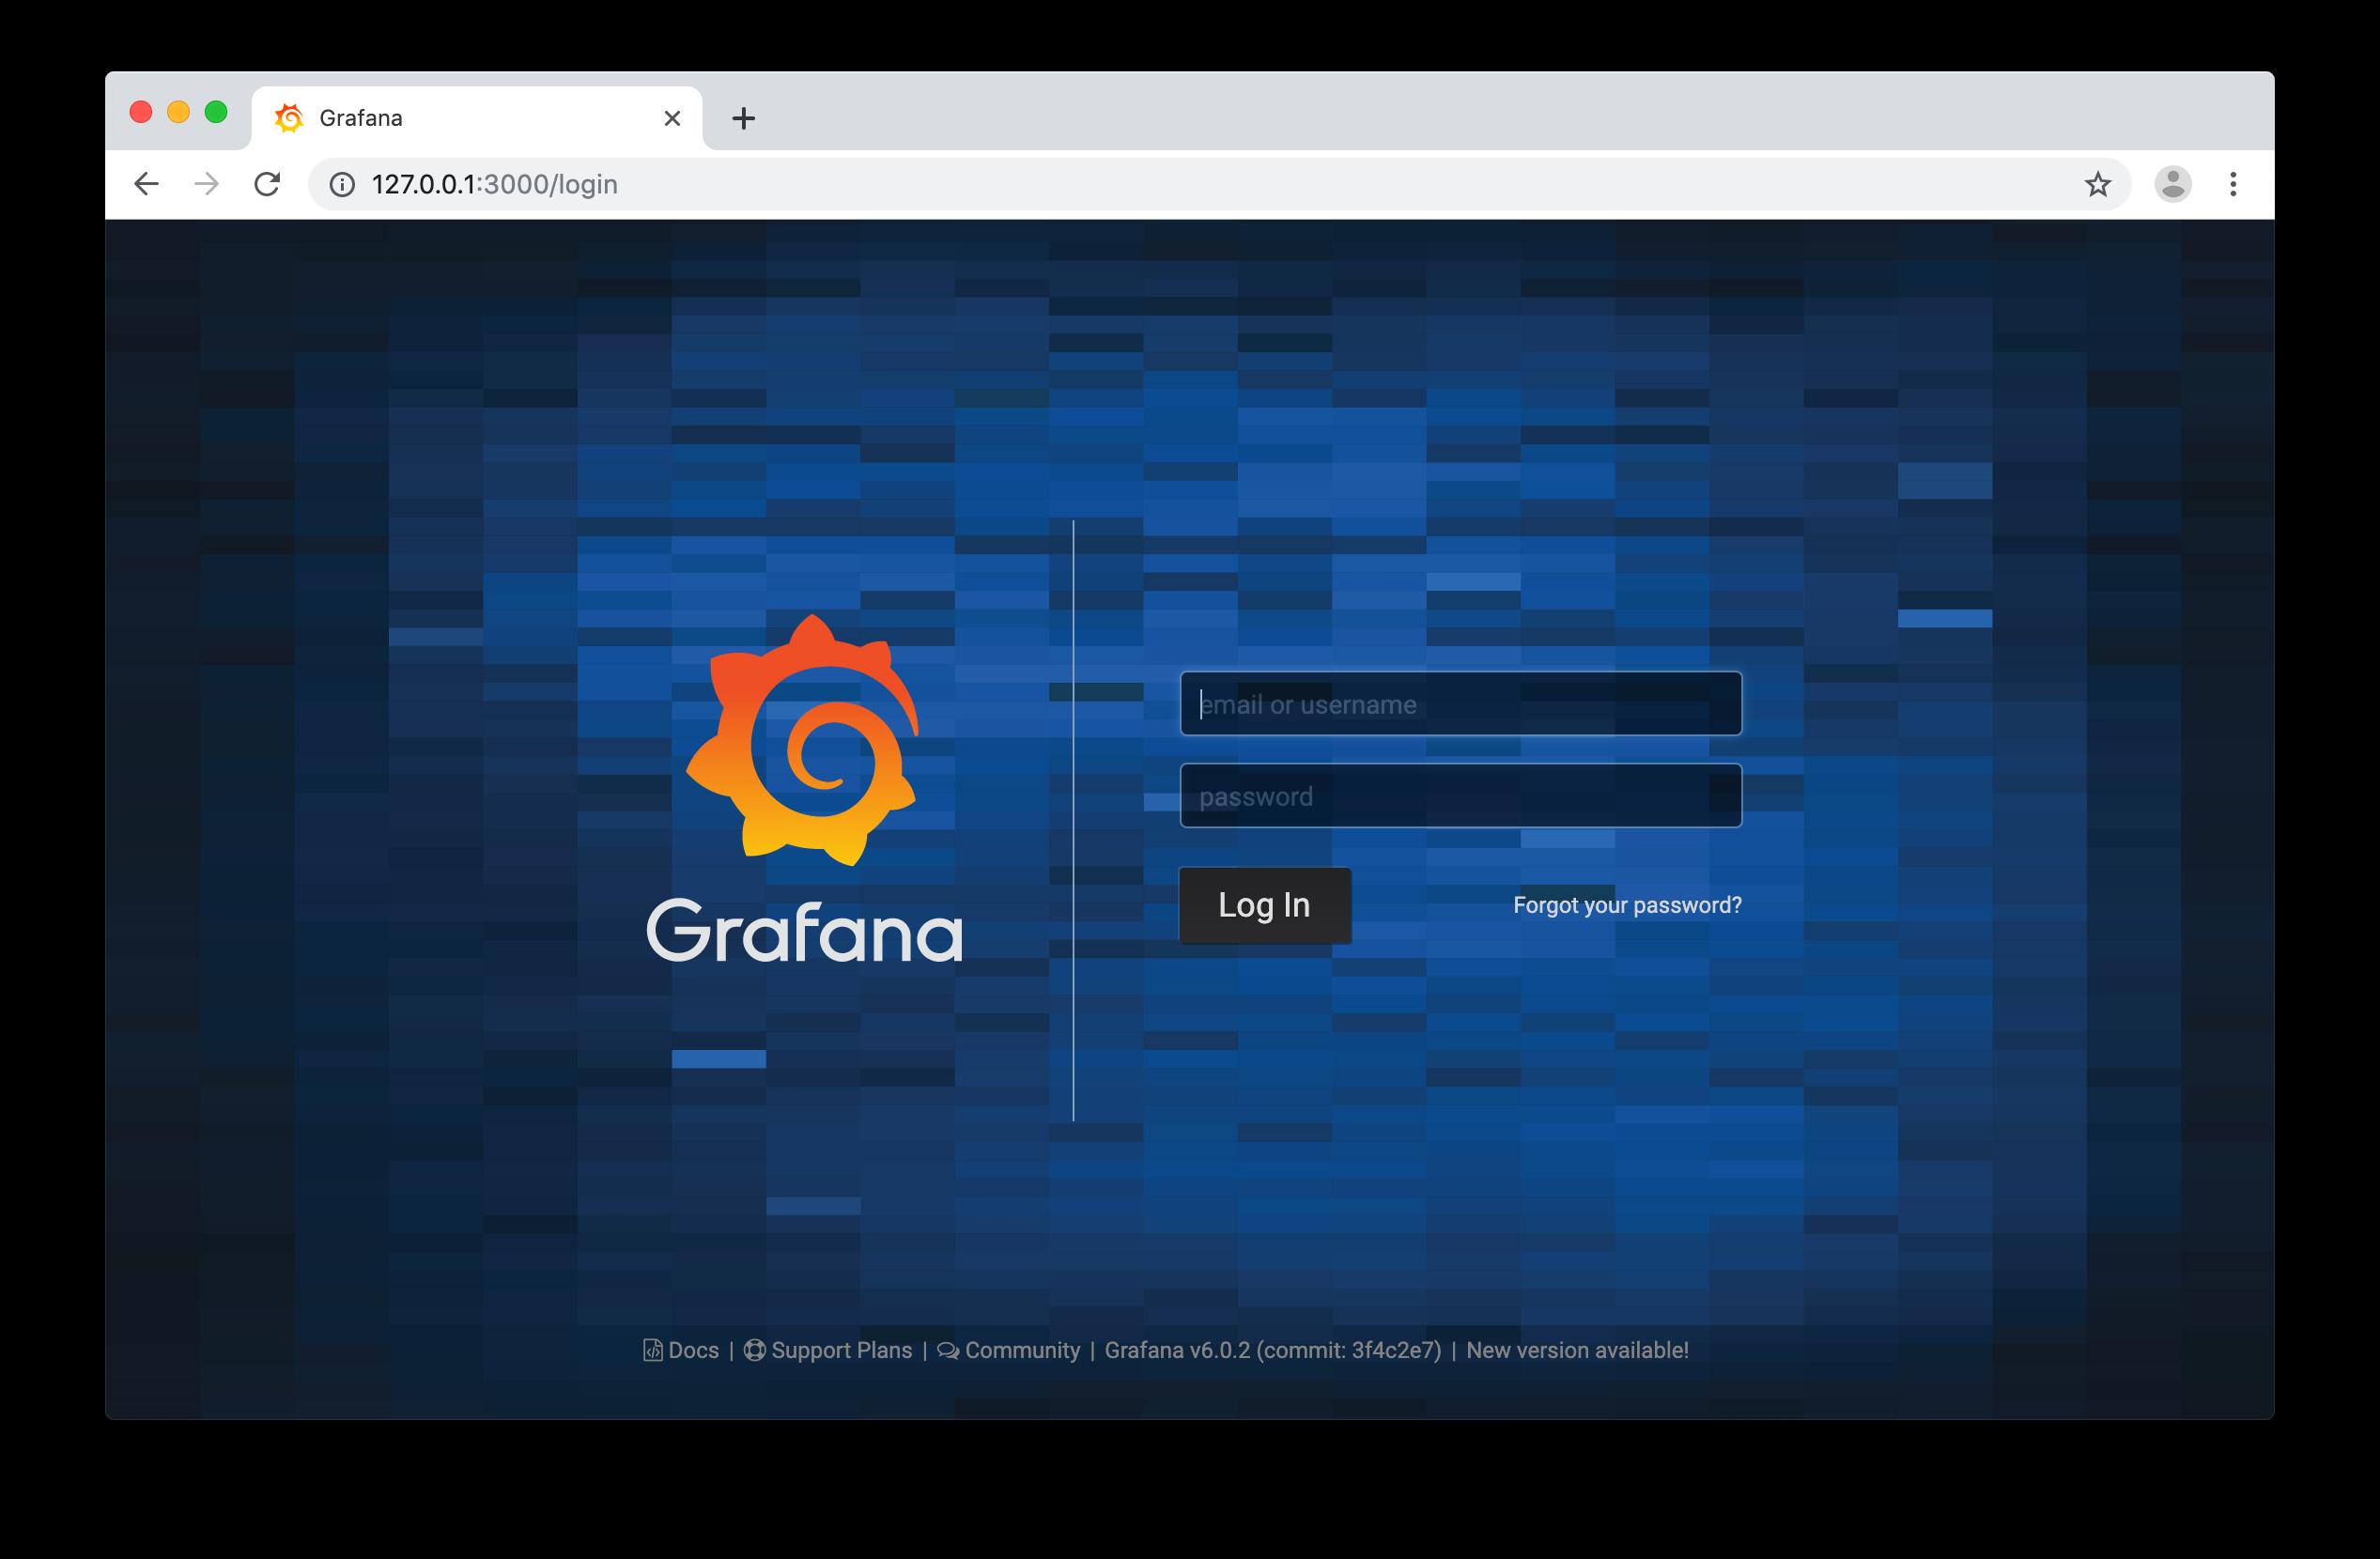 Grafana - Login Screen